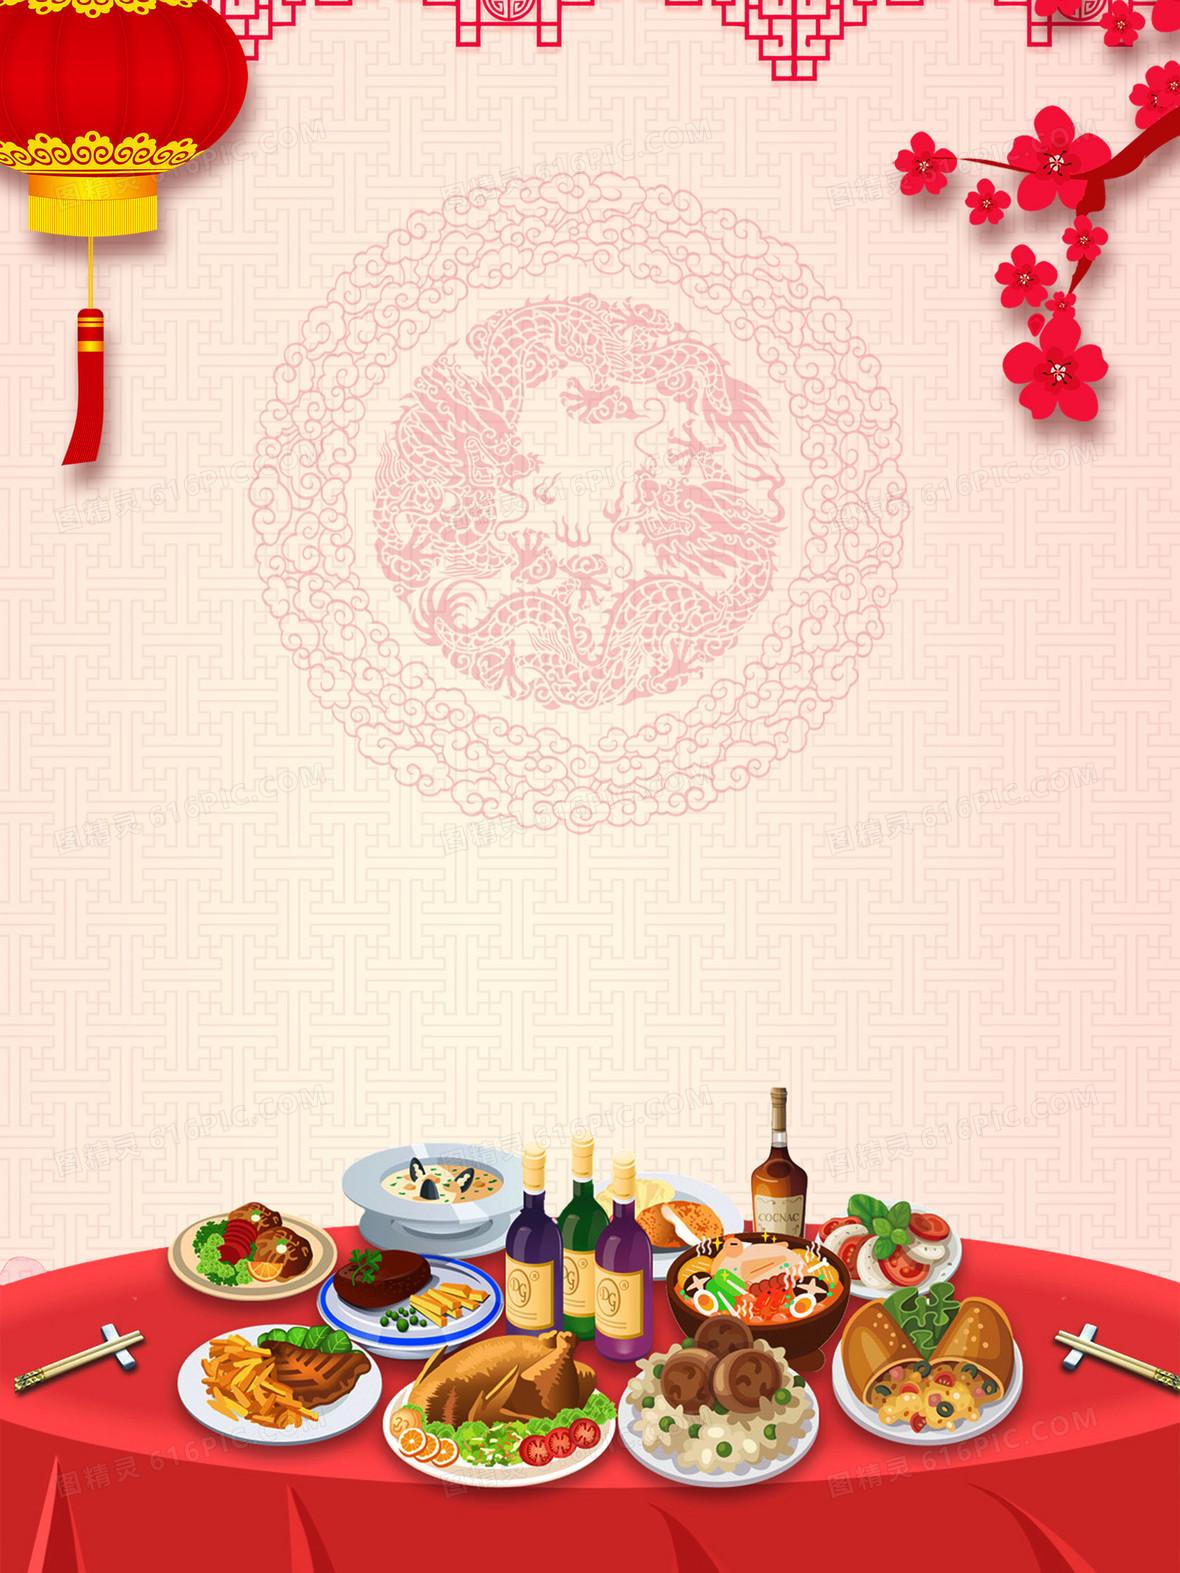 中国风手绘土鸡蛋建筑海报背景素材